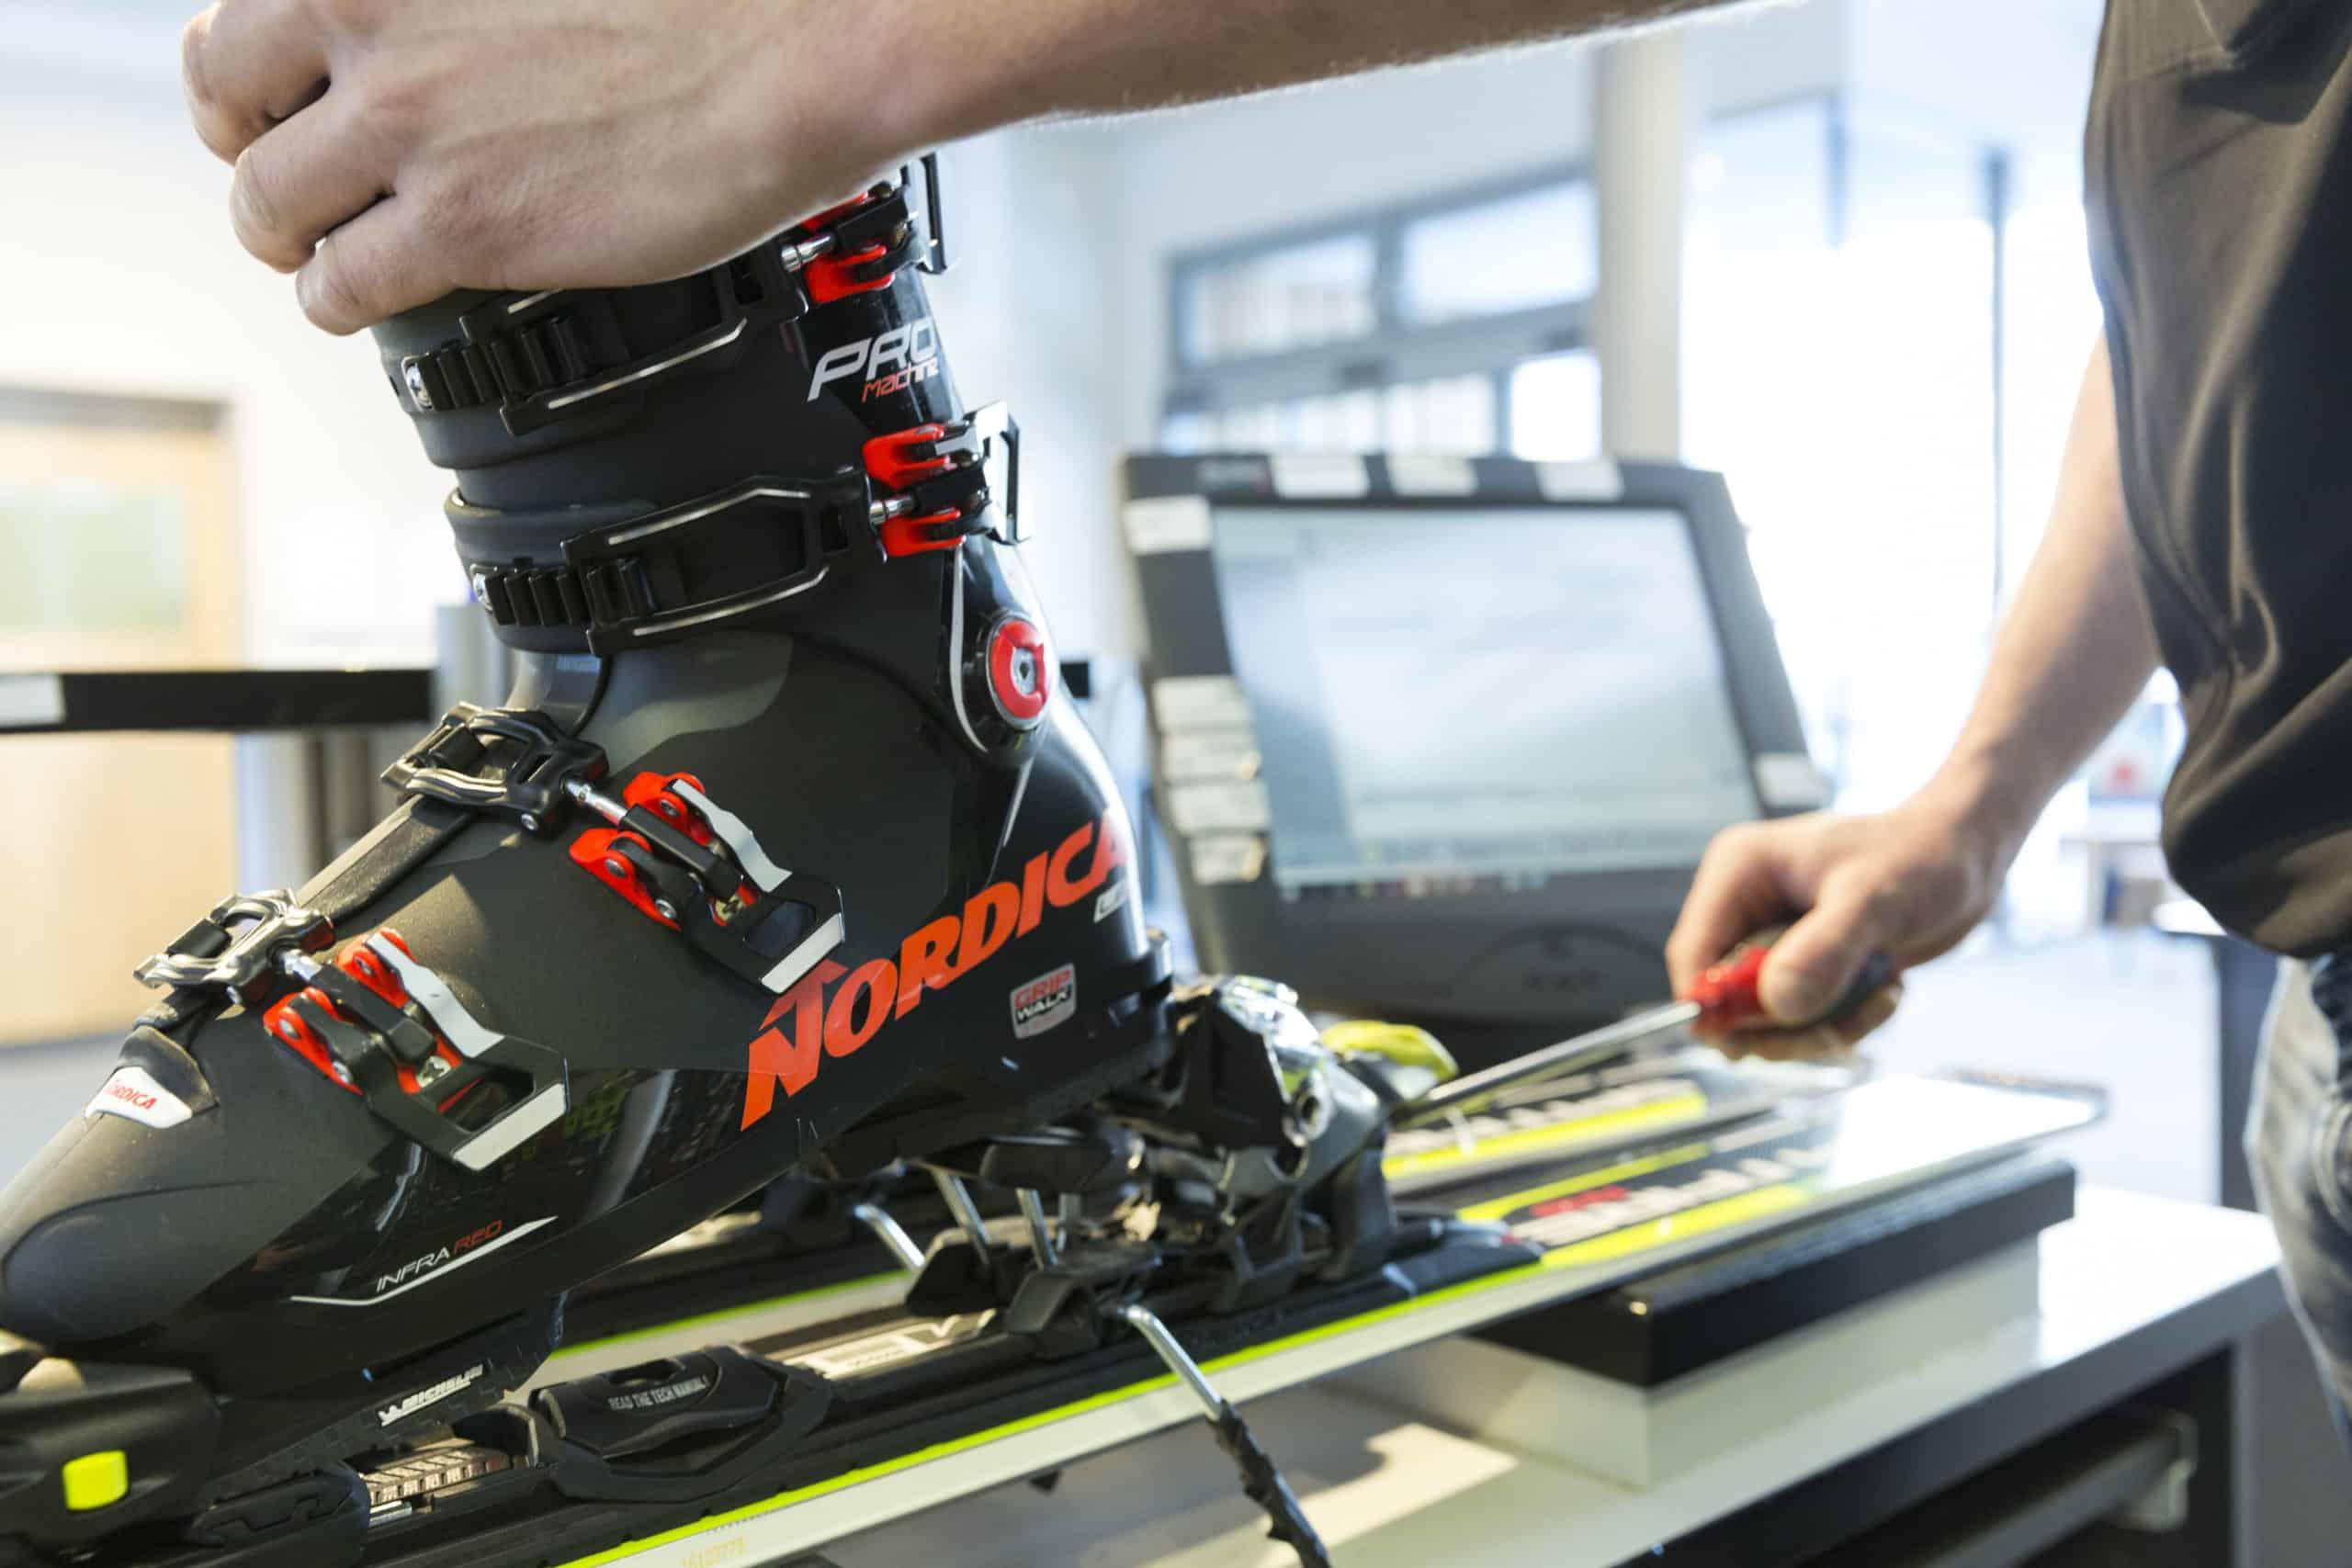 Regolazione attacchi da sci con software